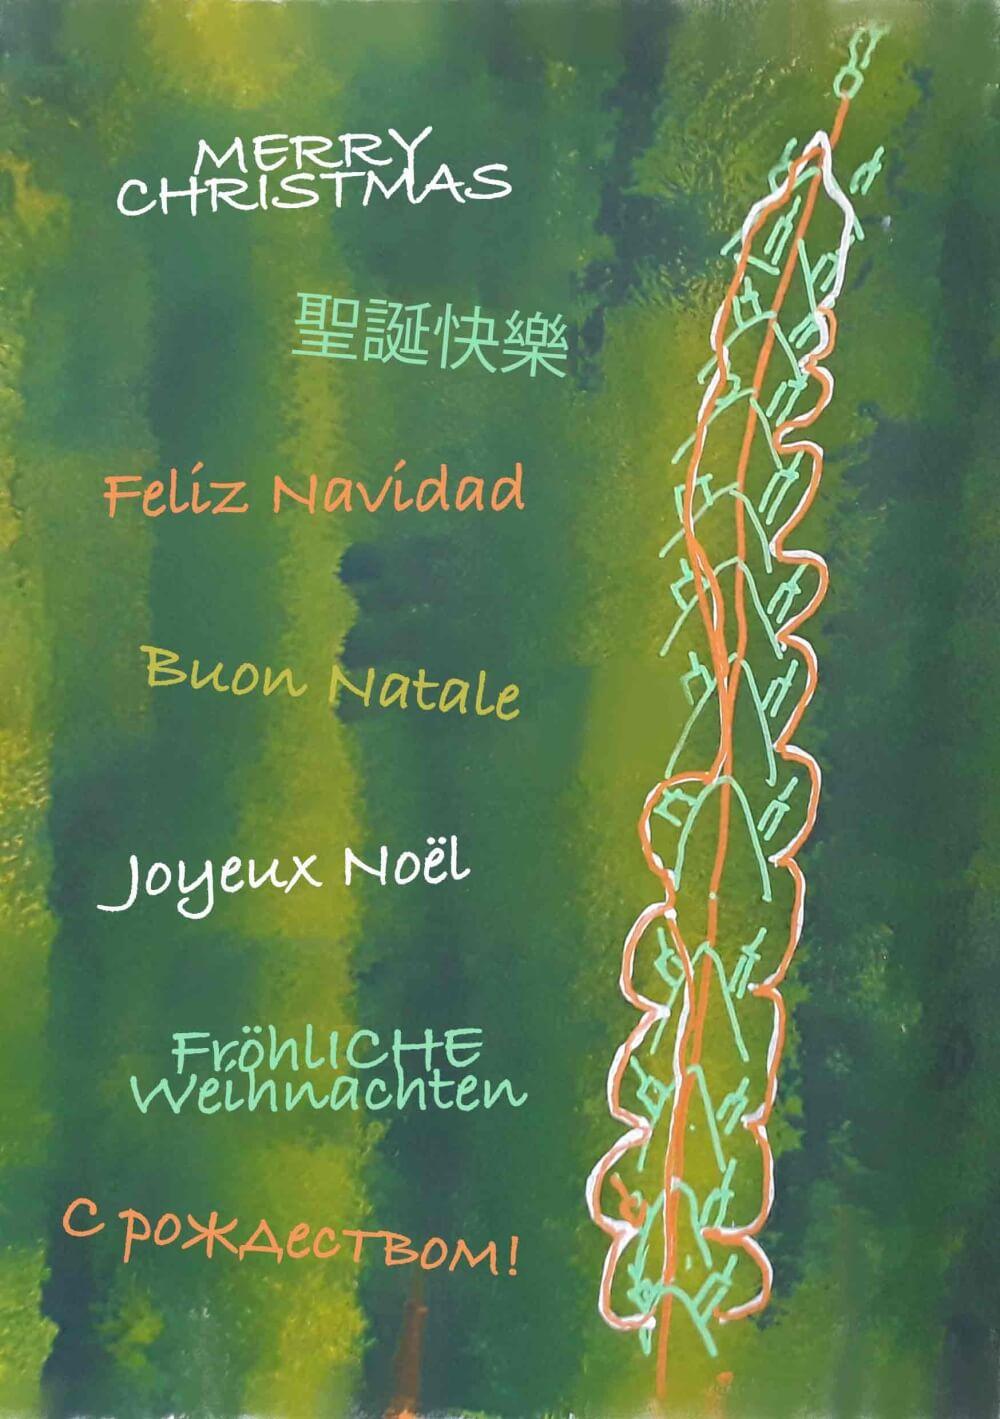 Ein Tannenbaum mit vielen Weihnachtsgrüßen in unterschiedlichen Sprachen.